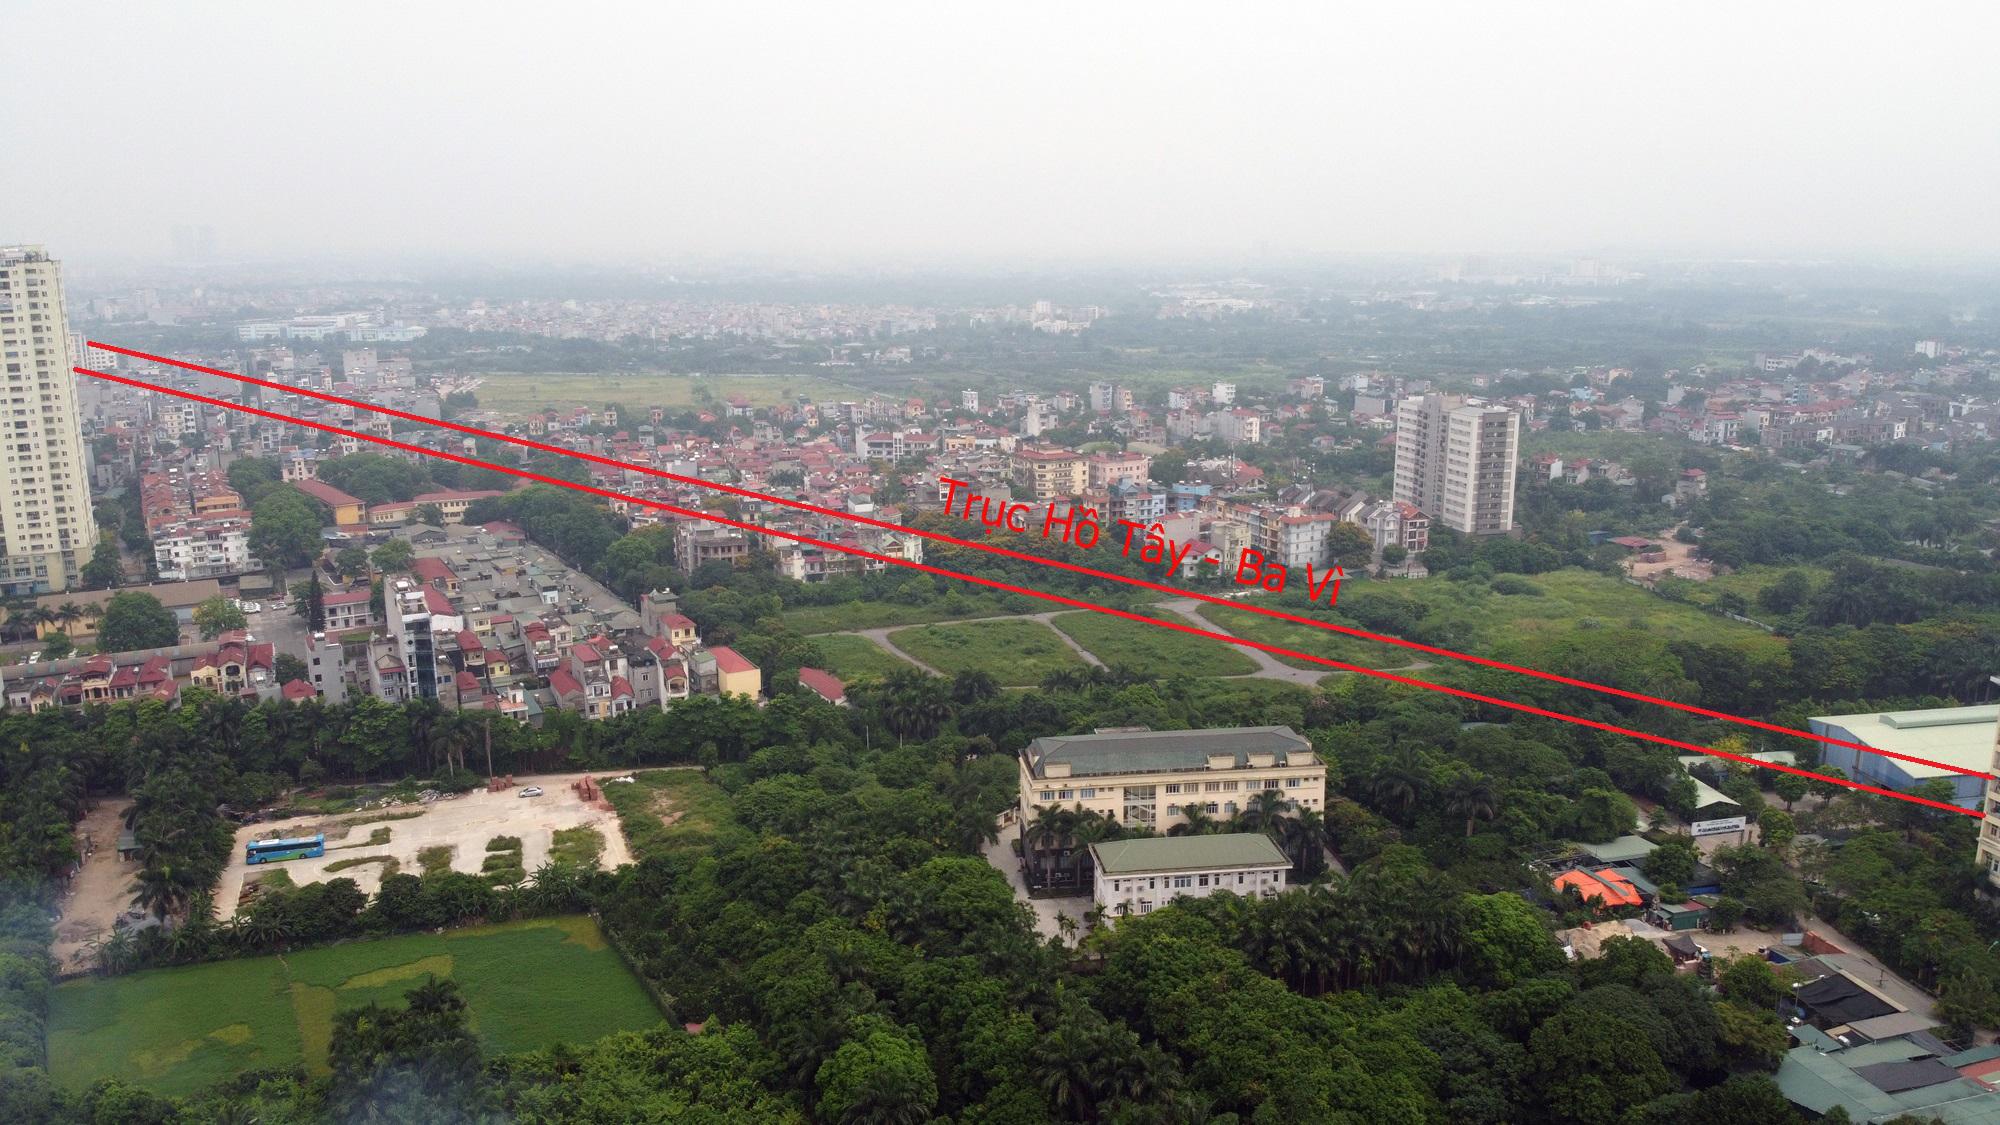 Đường sẽ mở theo qui hoạch ở Hà Nội: Toàn cảnh trục Hồ Tây - Ba Vì đến Vành đai 4 - Ảnh 14.